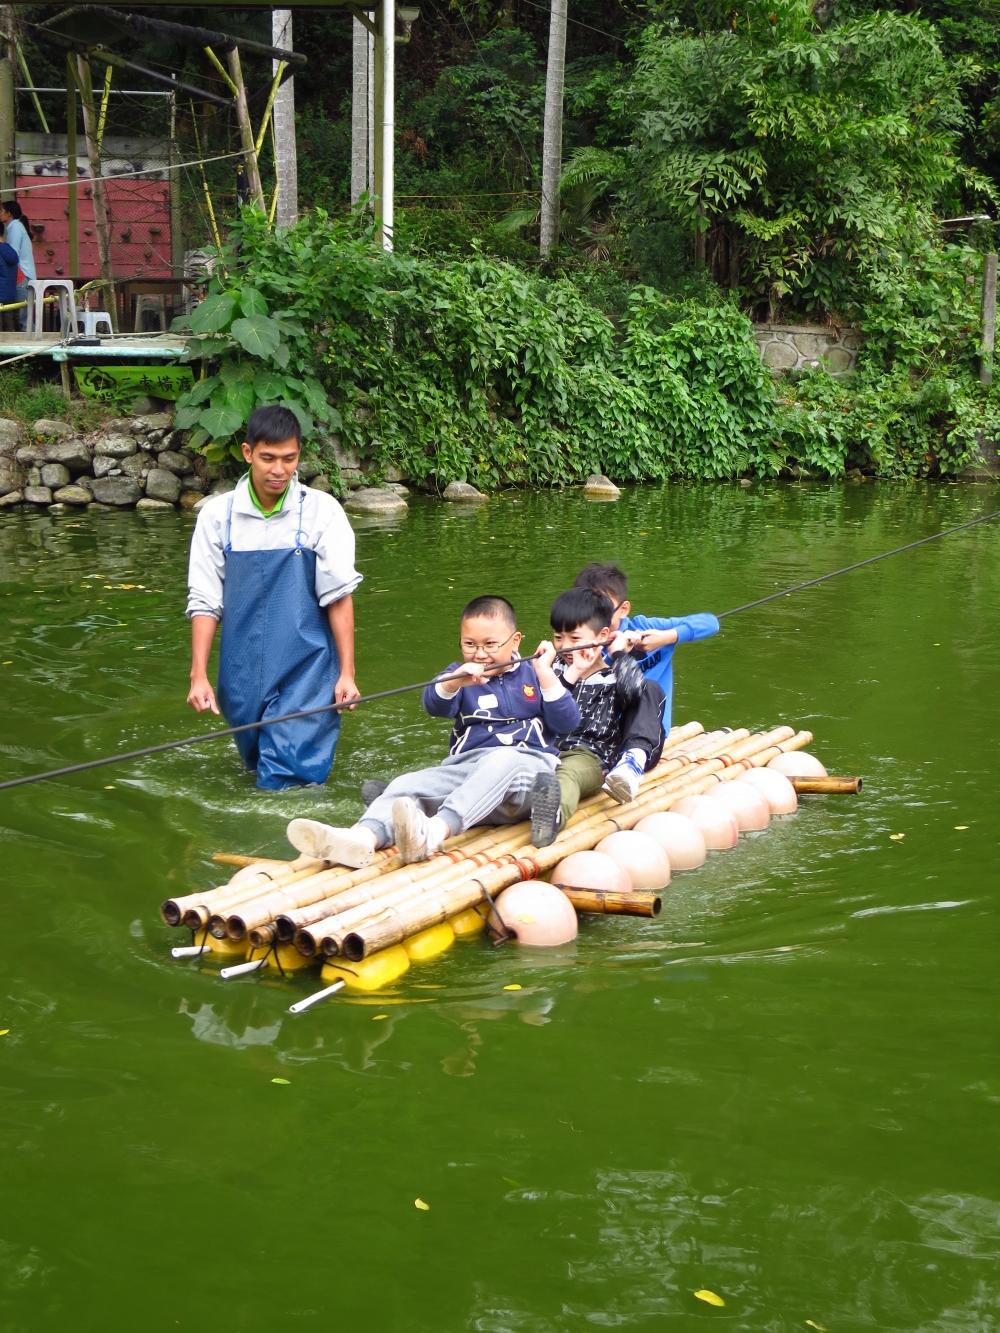 小朋友要想辦法過河,他們能好好合作嗎?